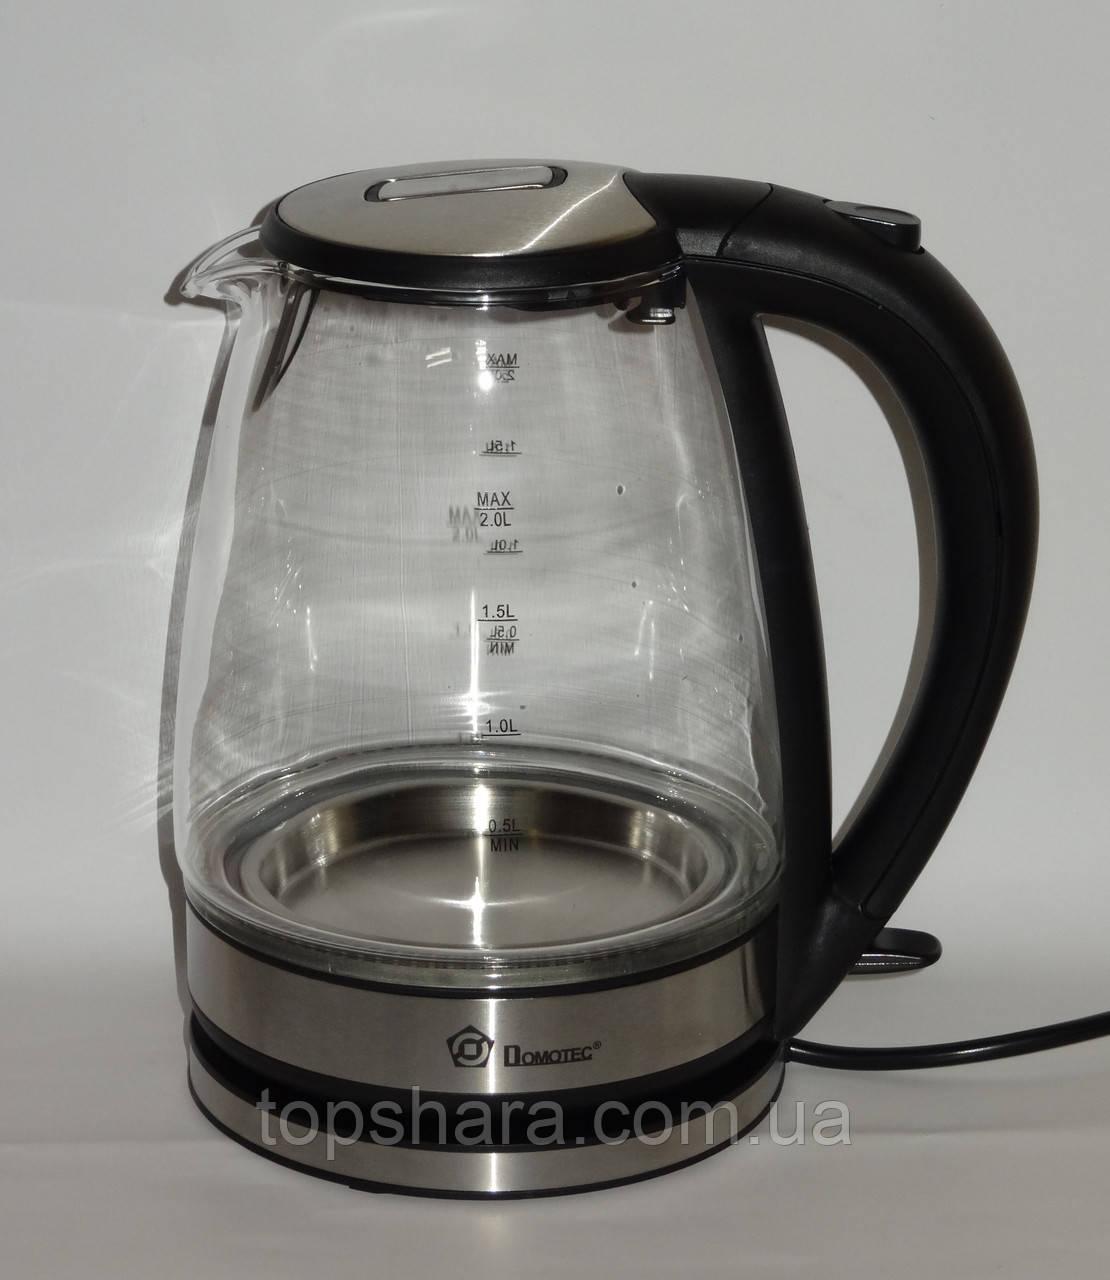 Электрочайник стекло Domotec MS-8110 2.0л черный